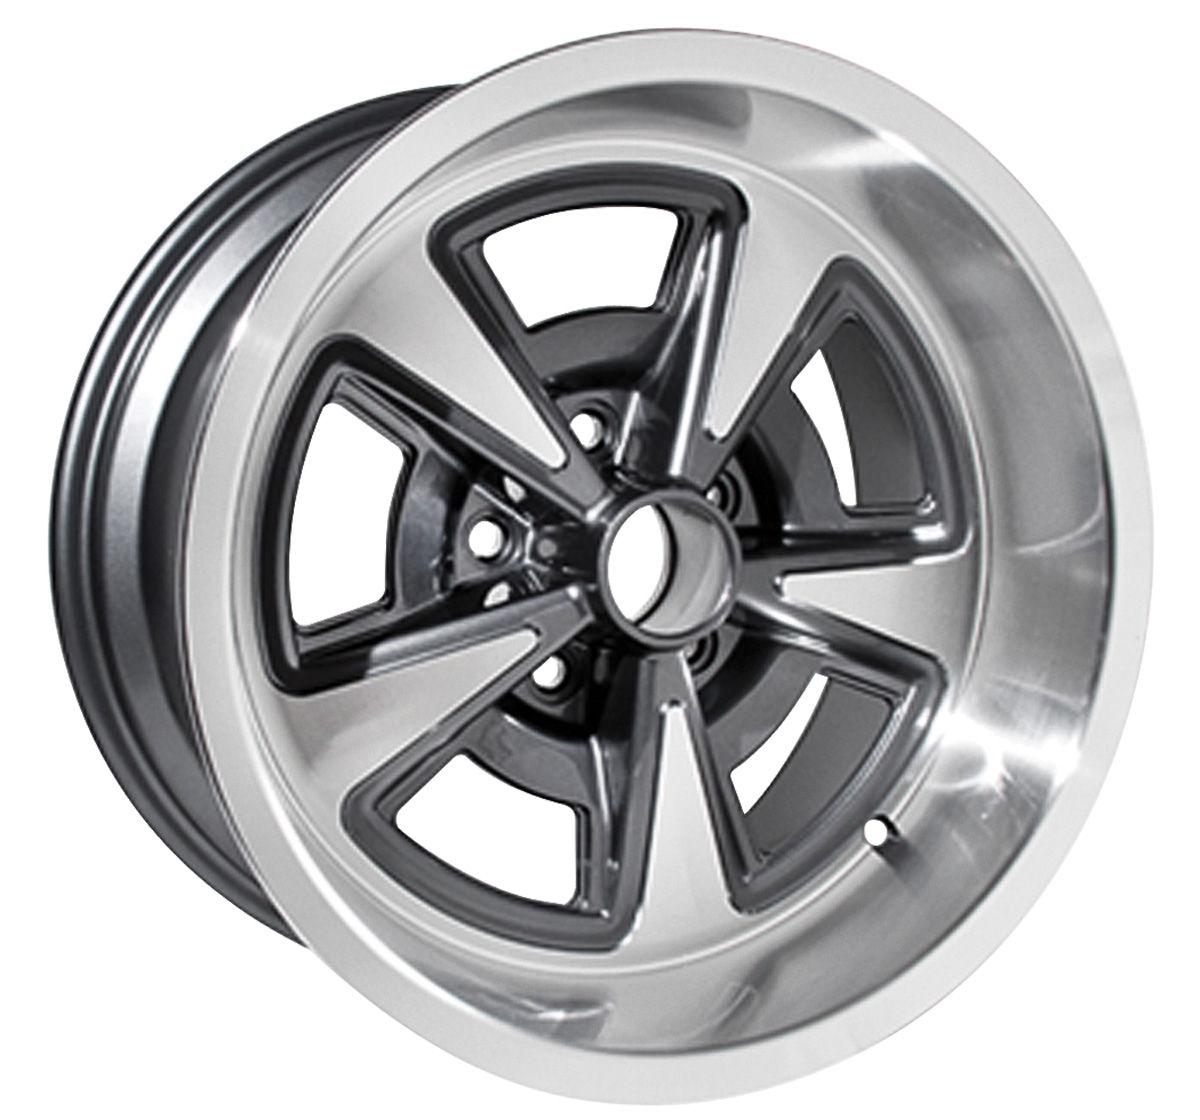 """Rally II Wheel, 1964-73 GTO, Aluminum, 17x8, 4-1/2"""" BS"""